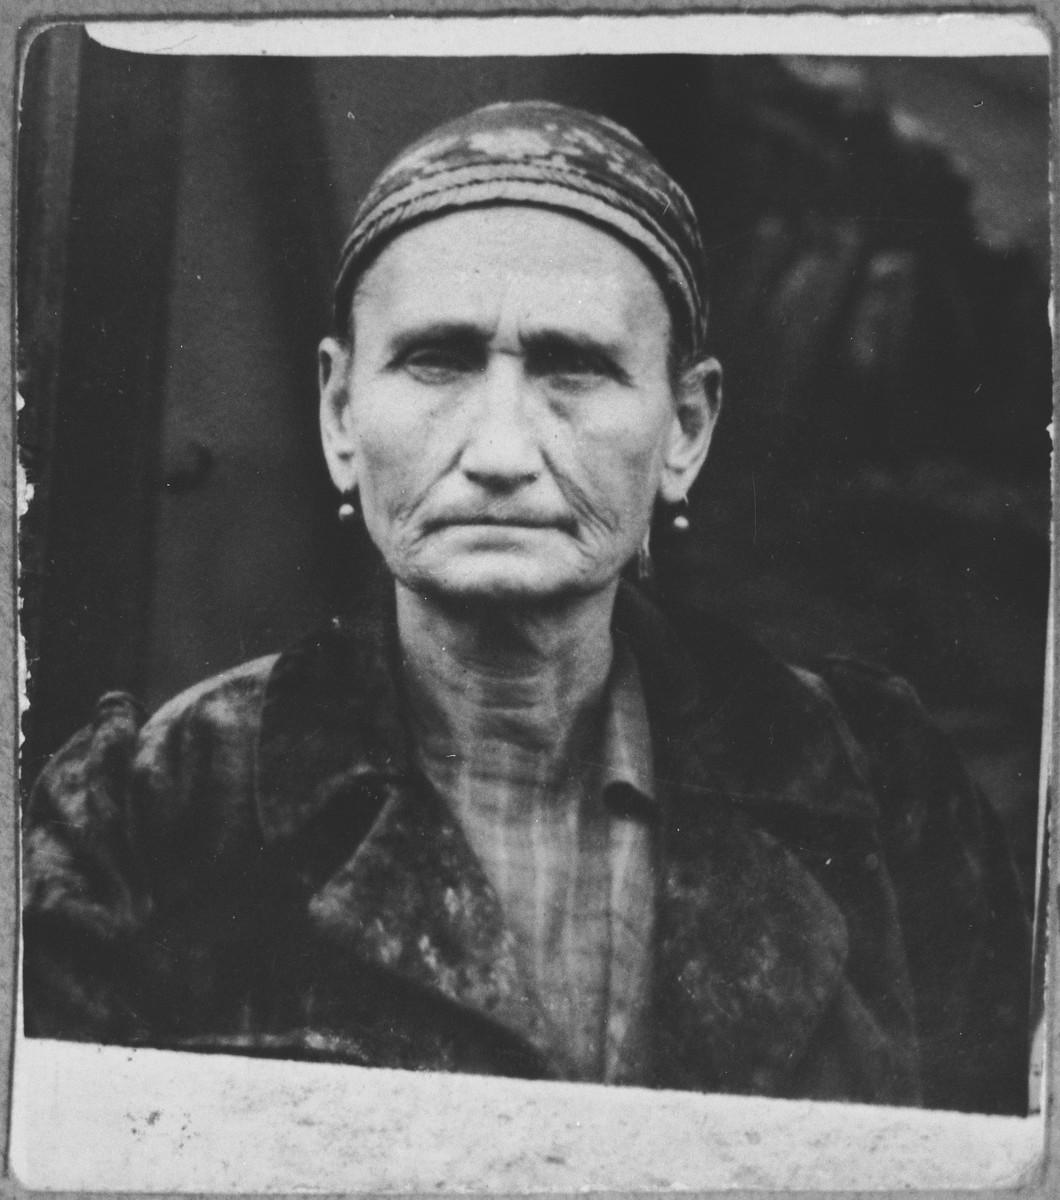 Portrait of Buena Kassorla, wife of Yosef Kassorla.  She lived at Zvornitska 29 in Bitola.